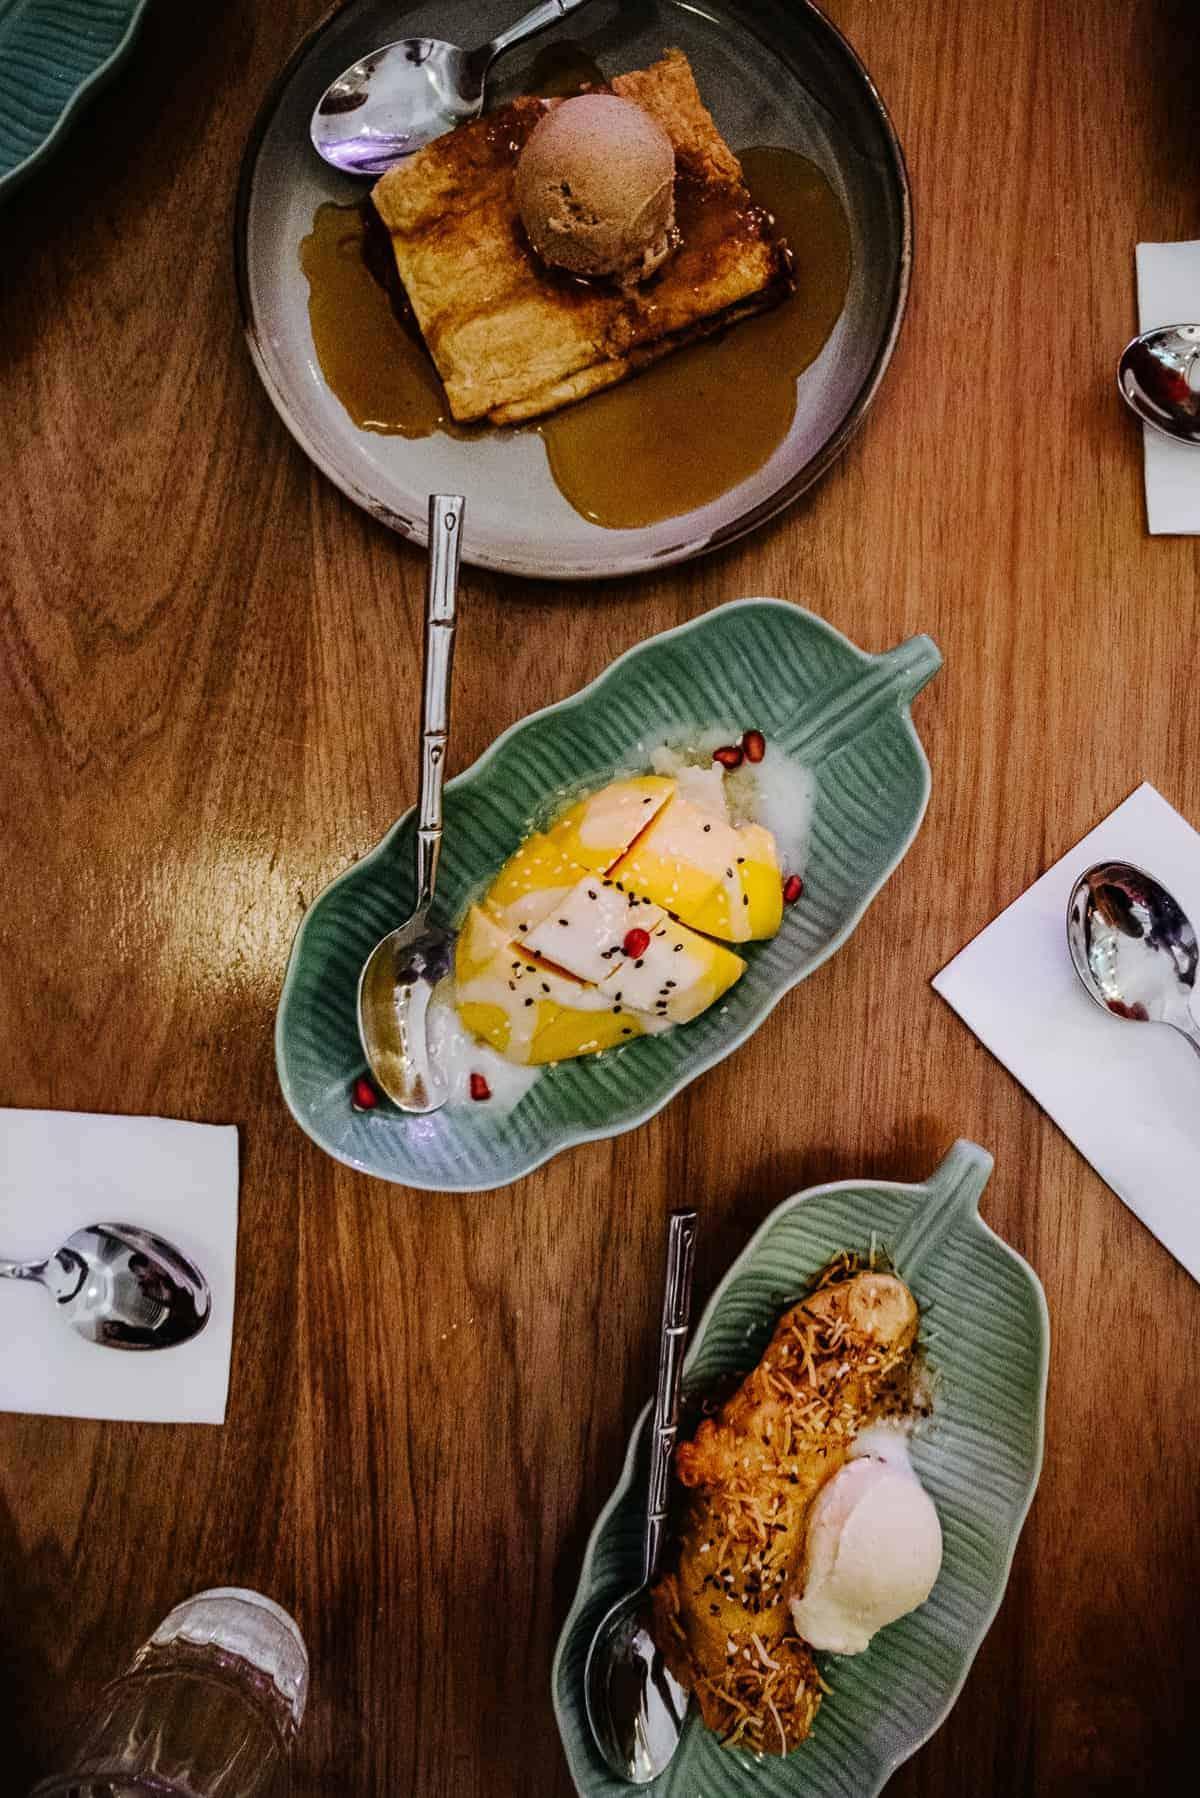 mango dessert served at Thai restaurant